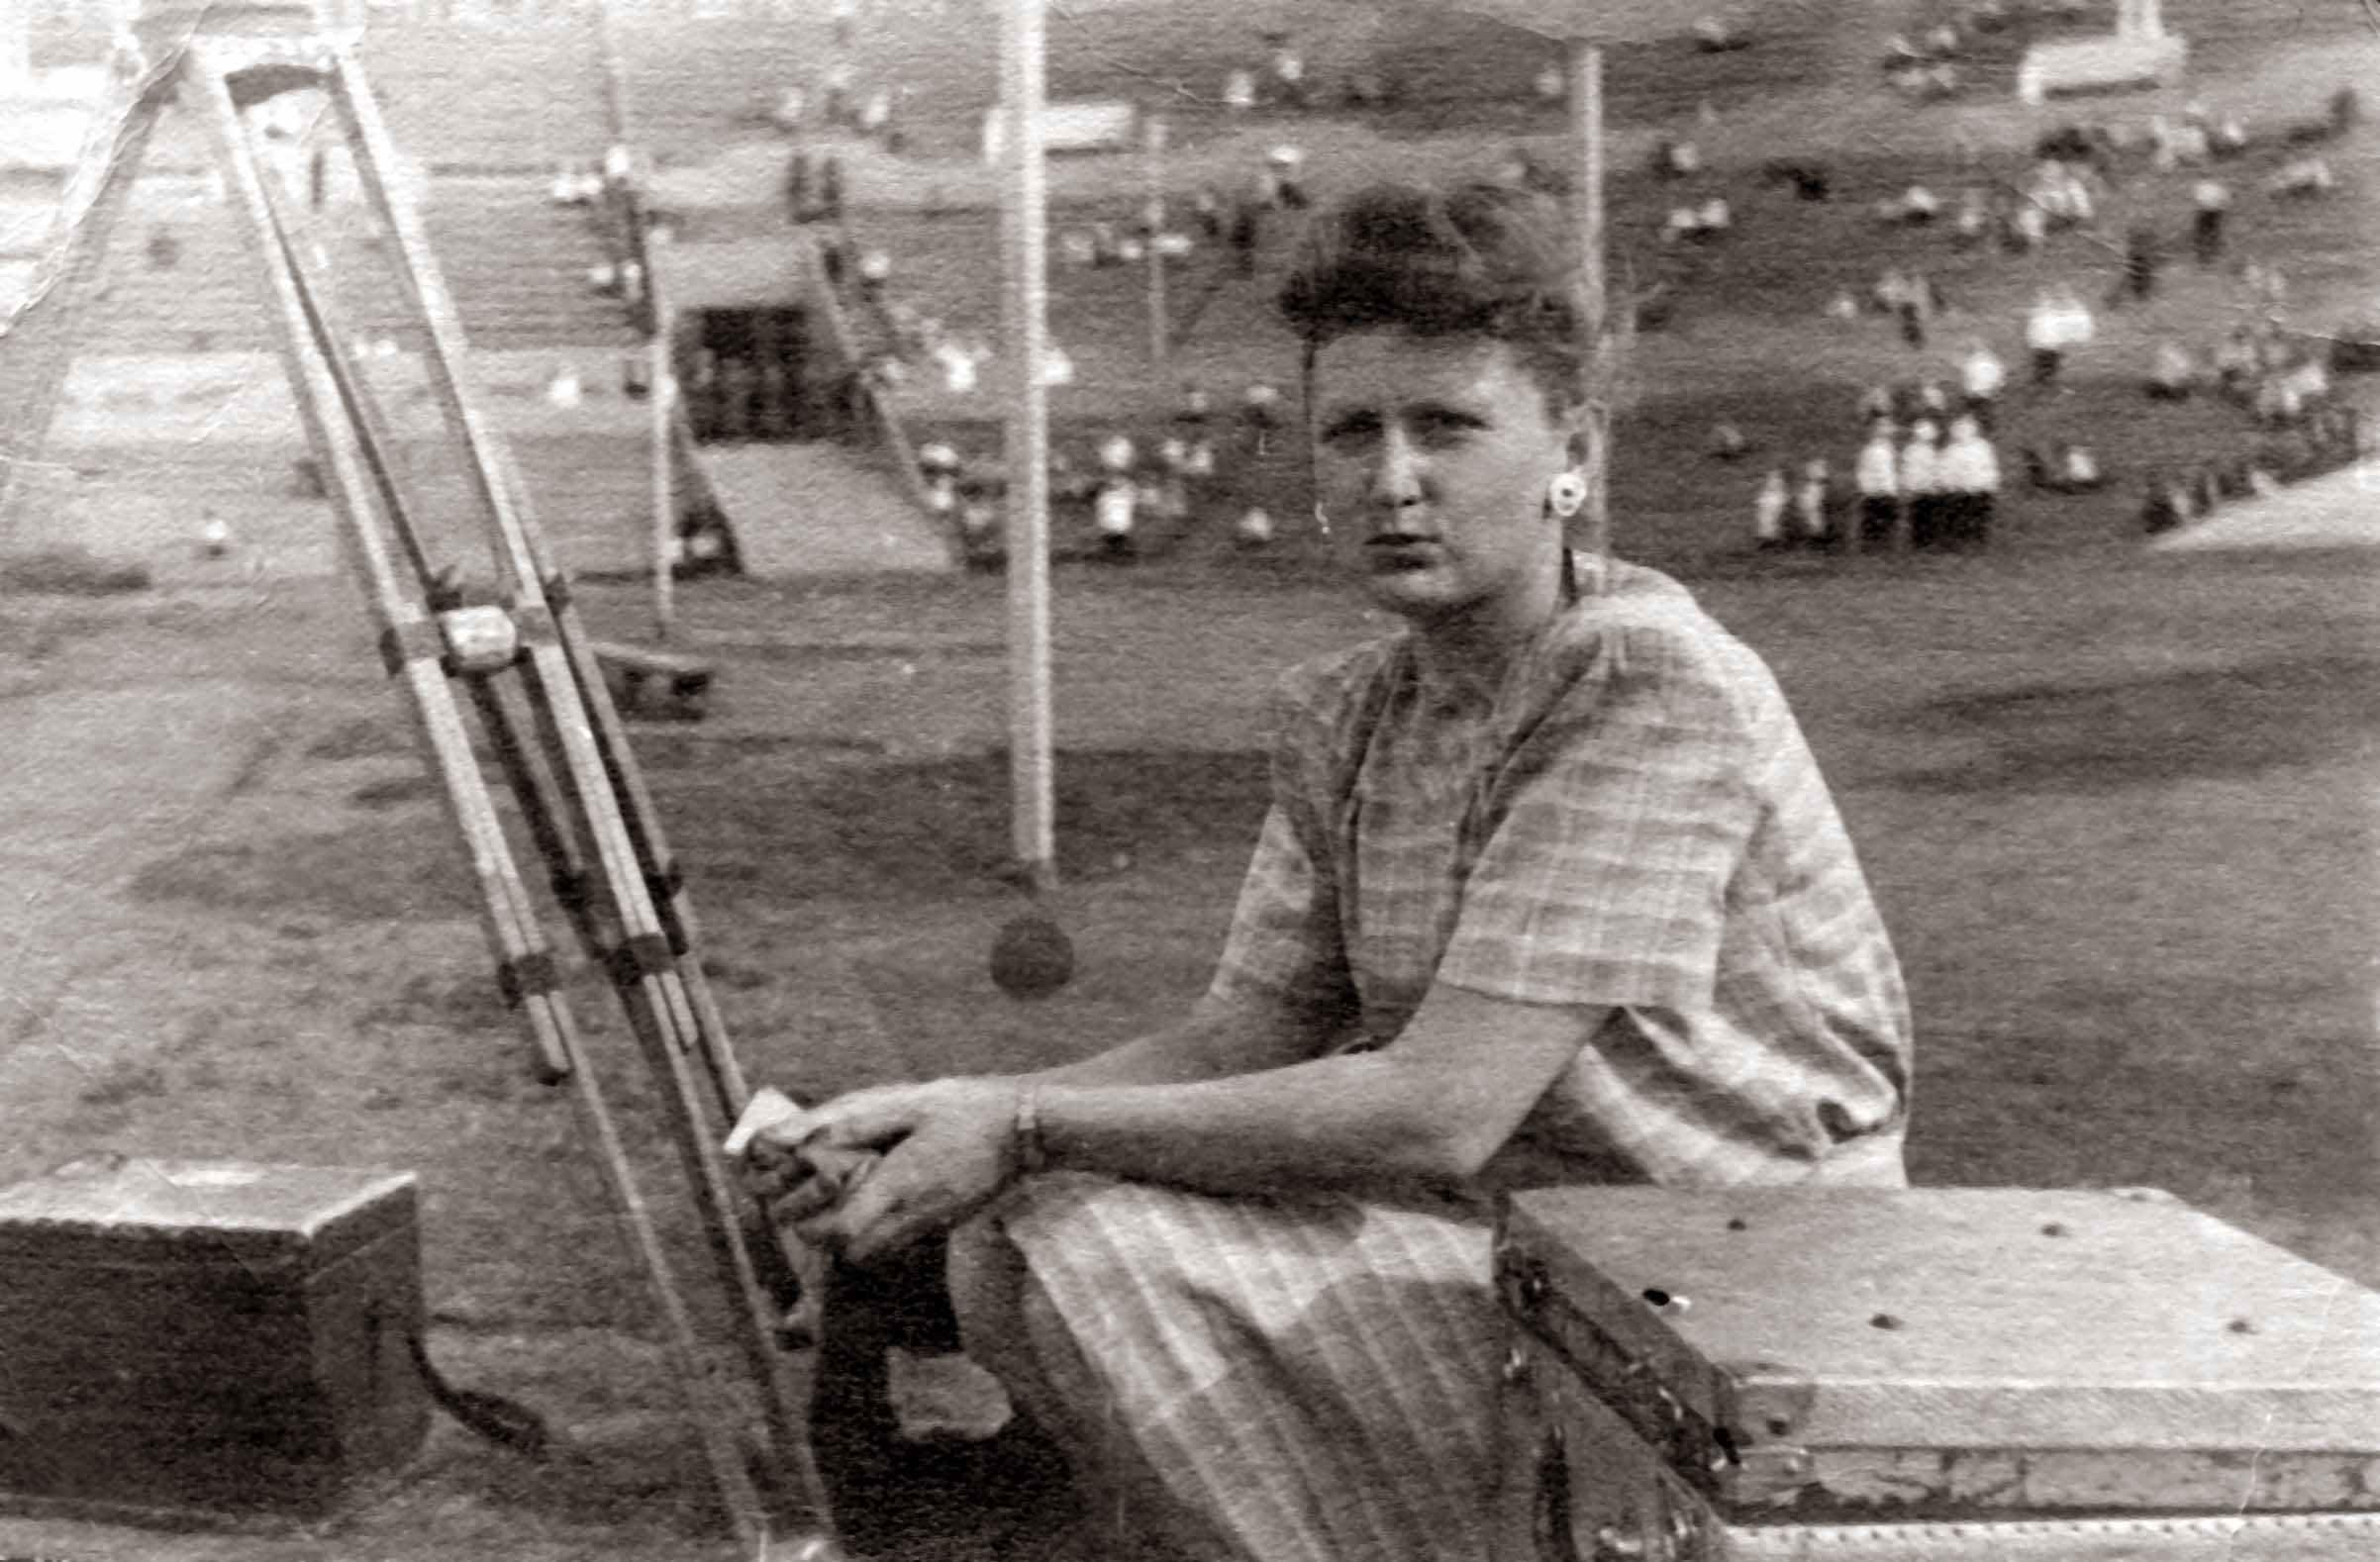 Экспонат #6. Мая Попова снимает на стадионе «Динамо». Москва. 1947 год